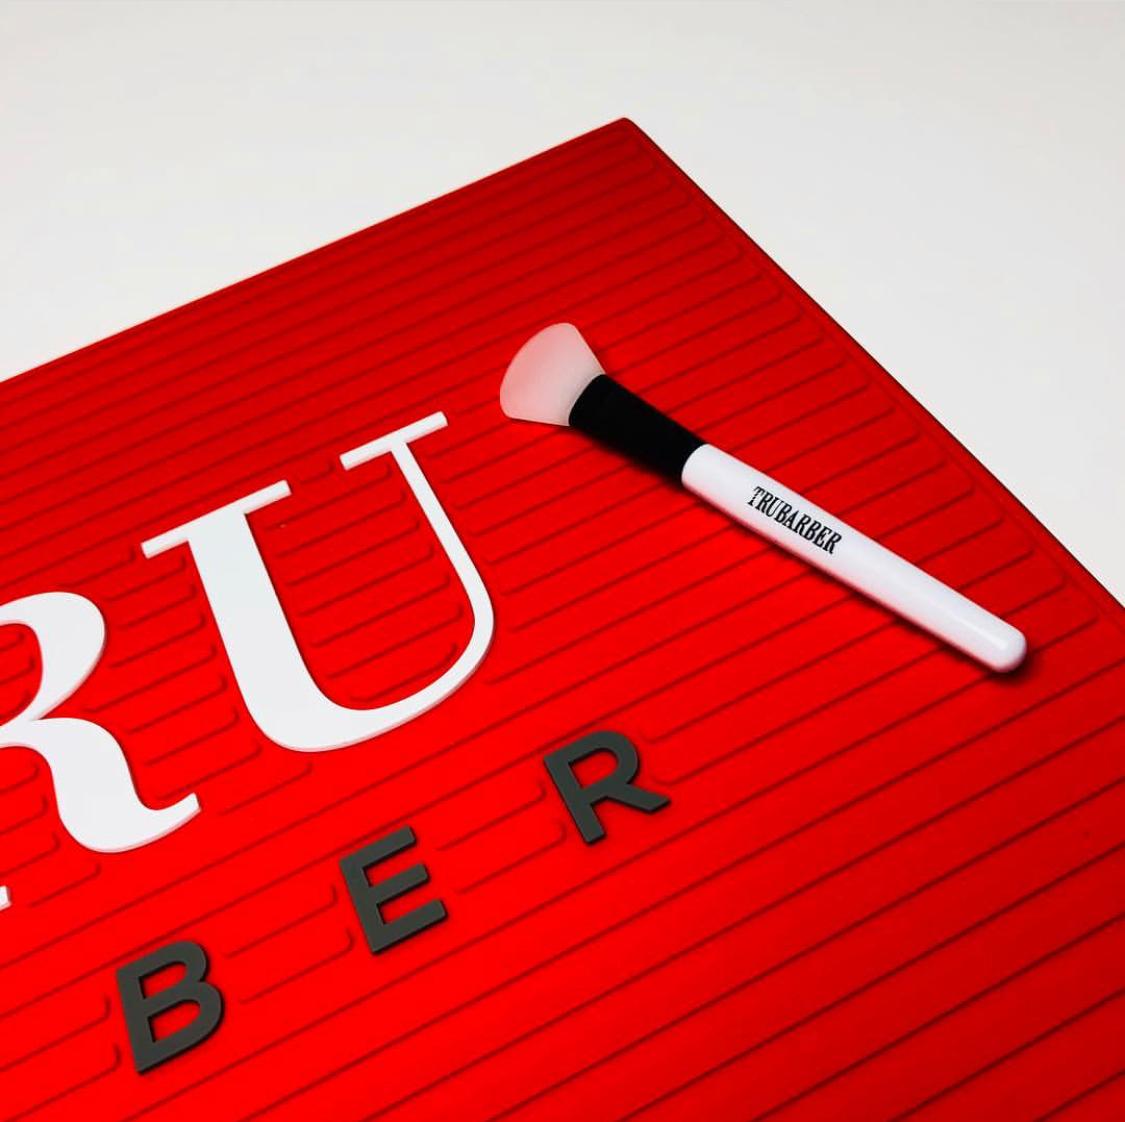 【商品入れ替えのため】【価格改定】TRU BARBER ワークステーションマット レッドxホワイト